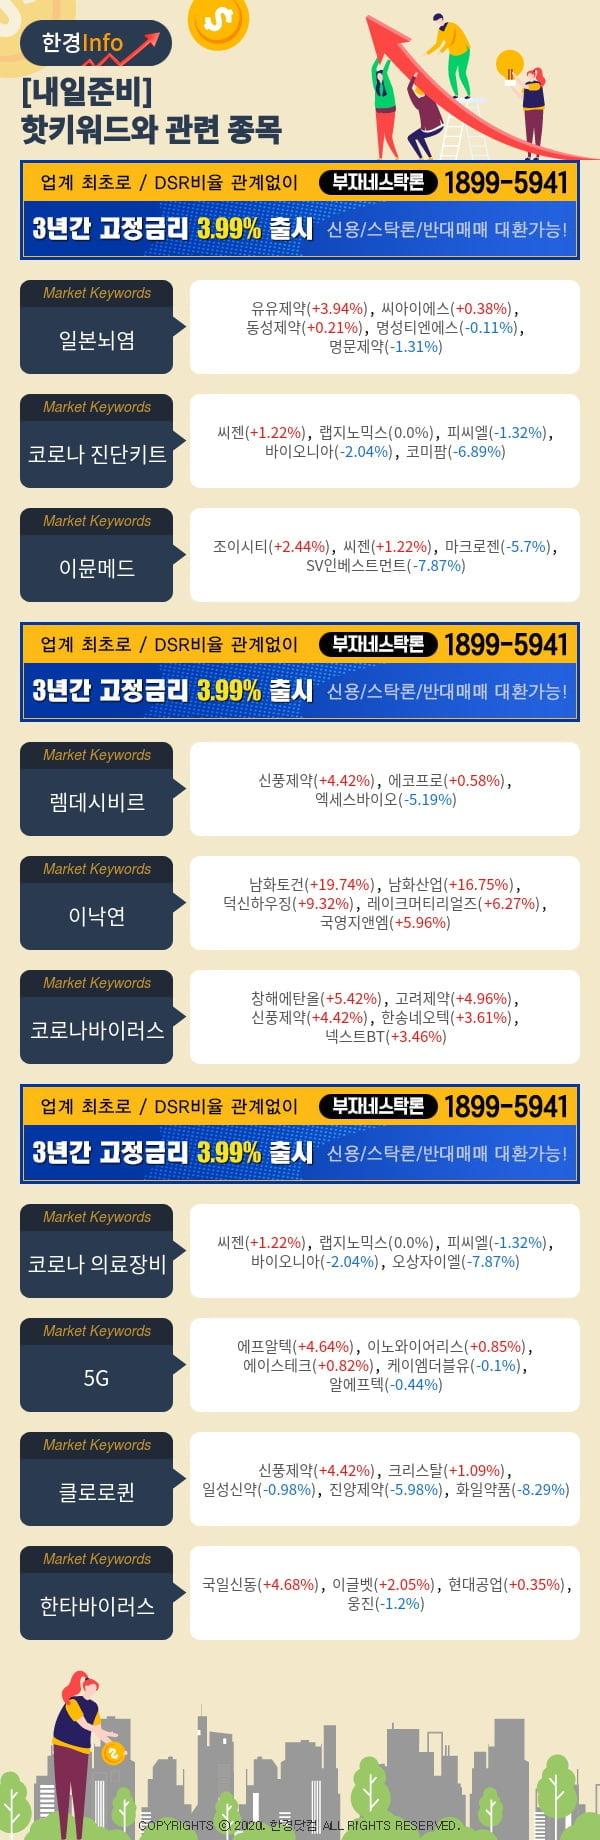 [포커스]내일준비-핫키워드와 관련 종목